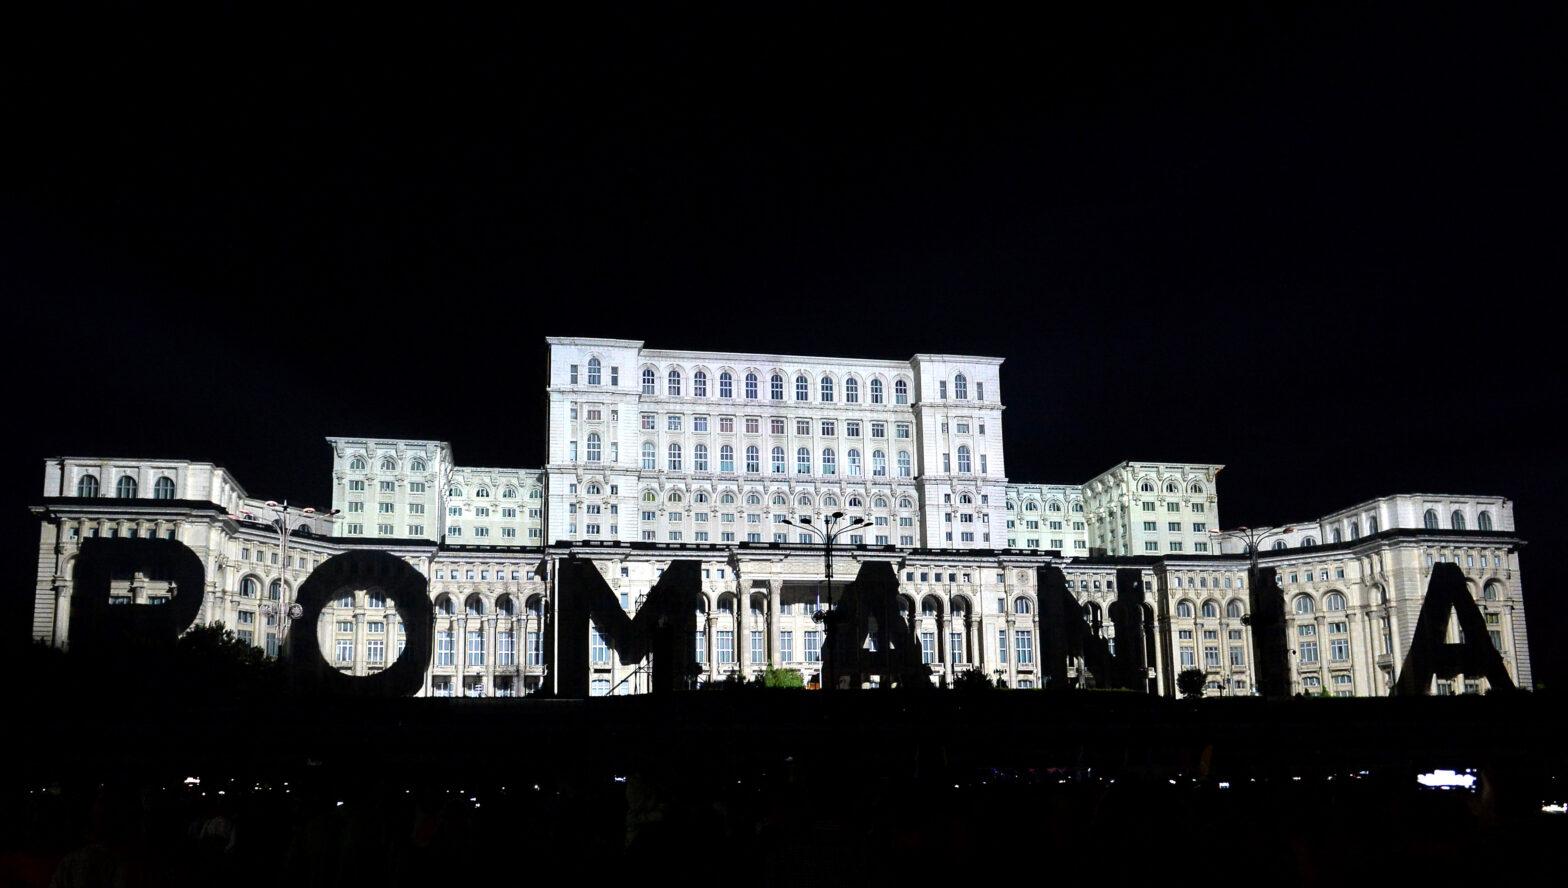 Datoria Publică. Palatul Parlamentului, în timpul festivalului de proiecții iMap, ediția 2018. FOTO: Simion Mechno / Agerpres Foto